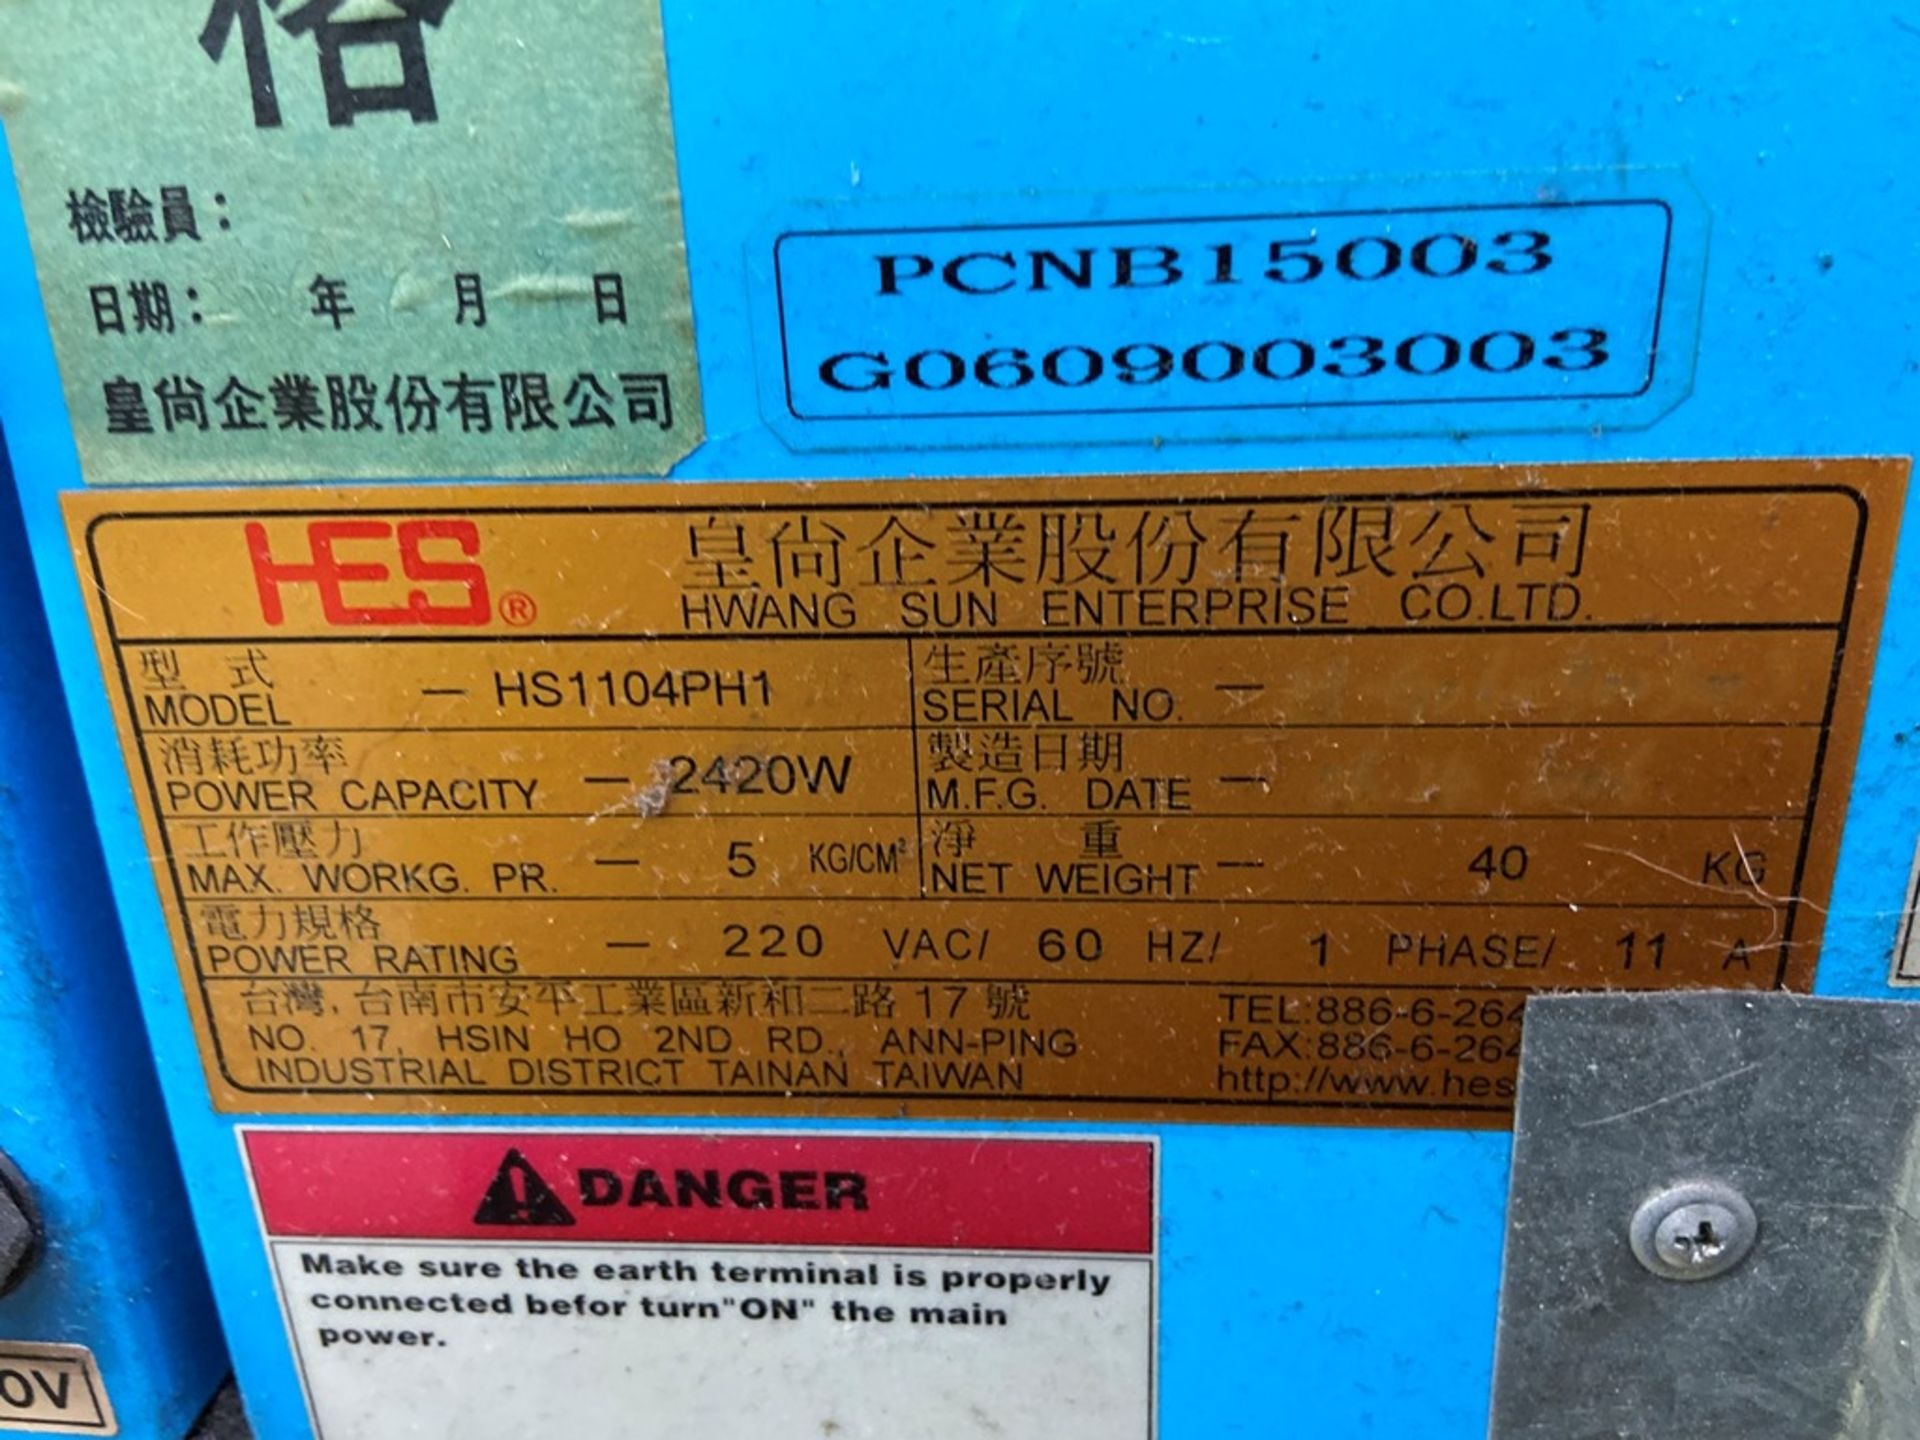 Lot 133 - (2) Aplicadores de pegamento caliente marca Hwang Sun Enterprise, Modelo: HS1104-PHI